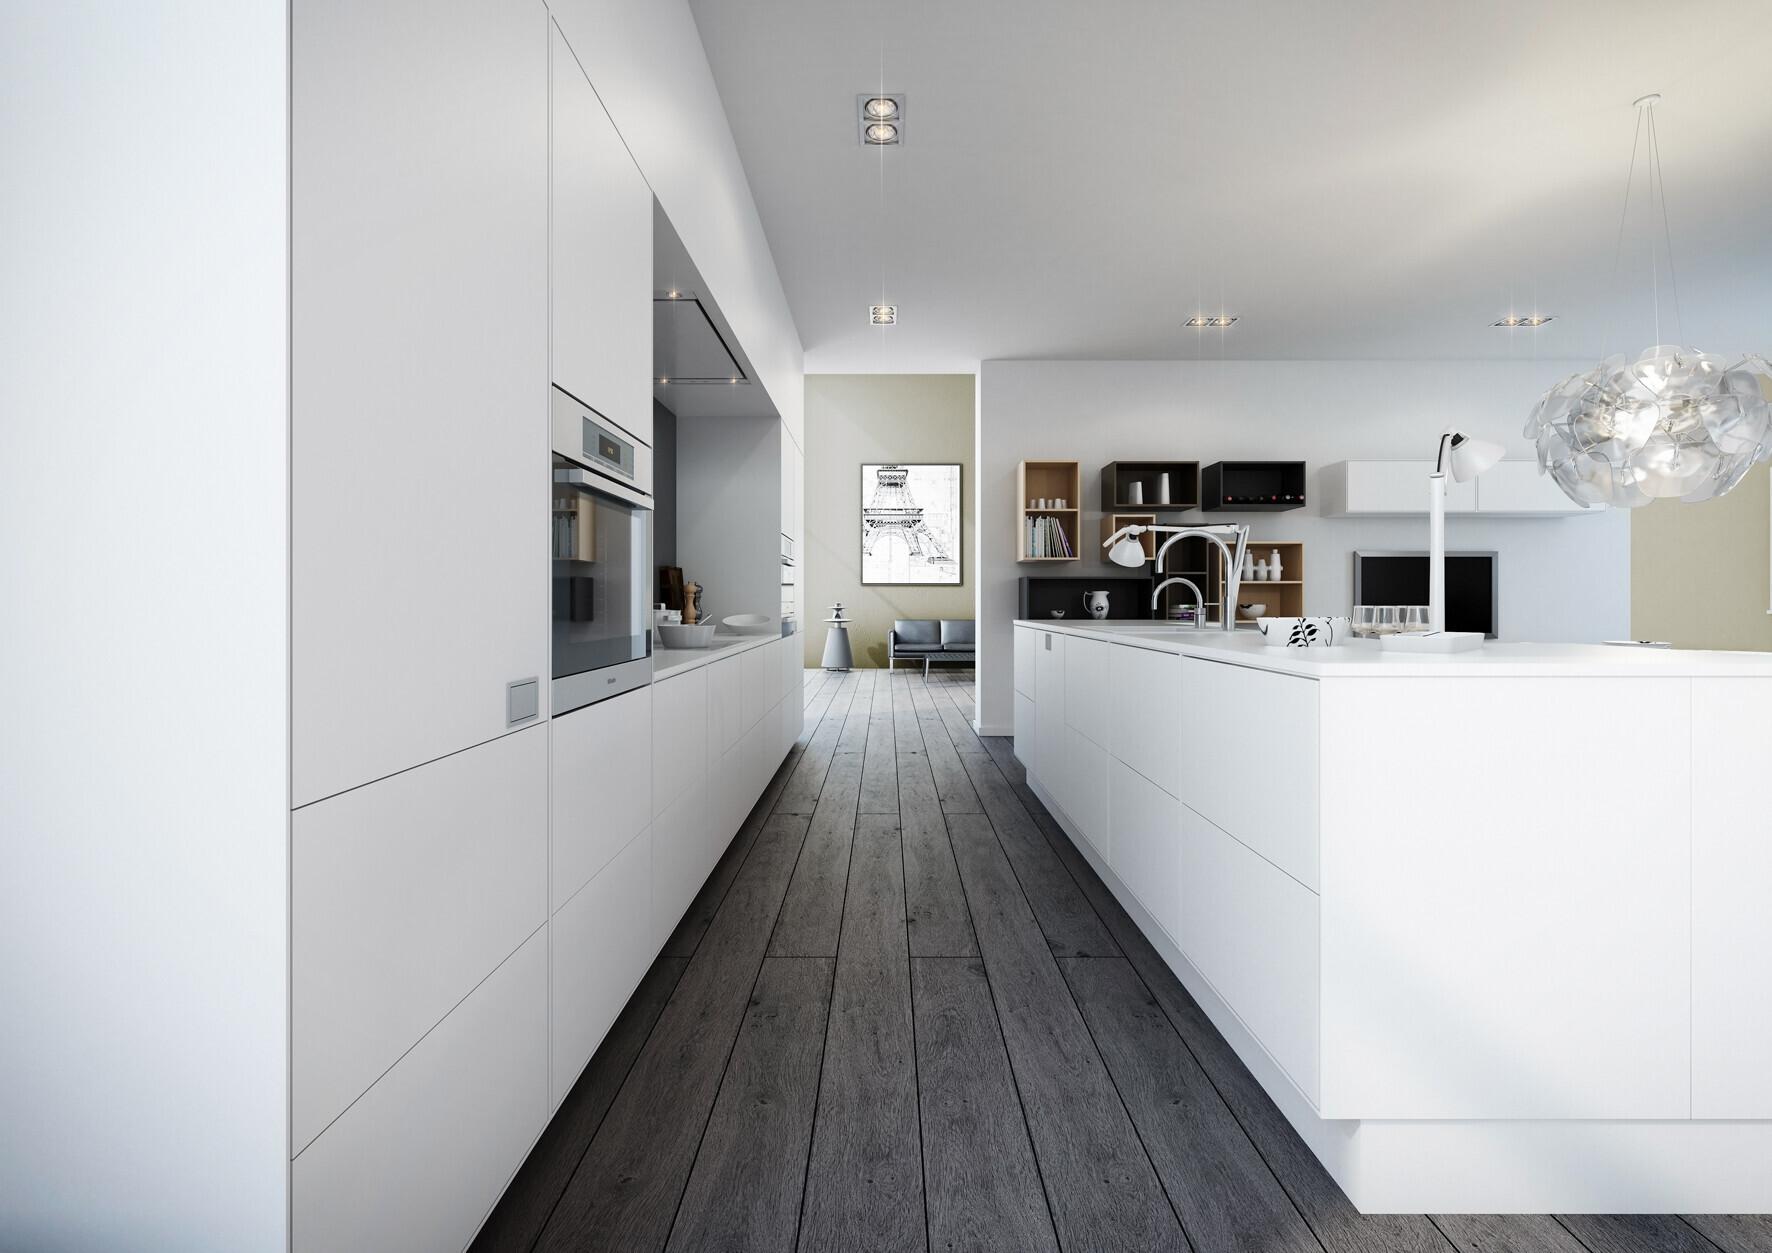 Svane S12 - Køkken eller møbel? - Wood Supply DK